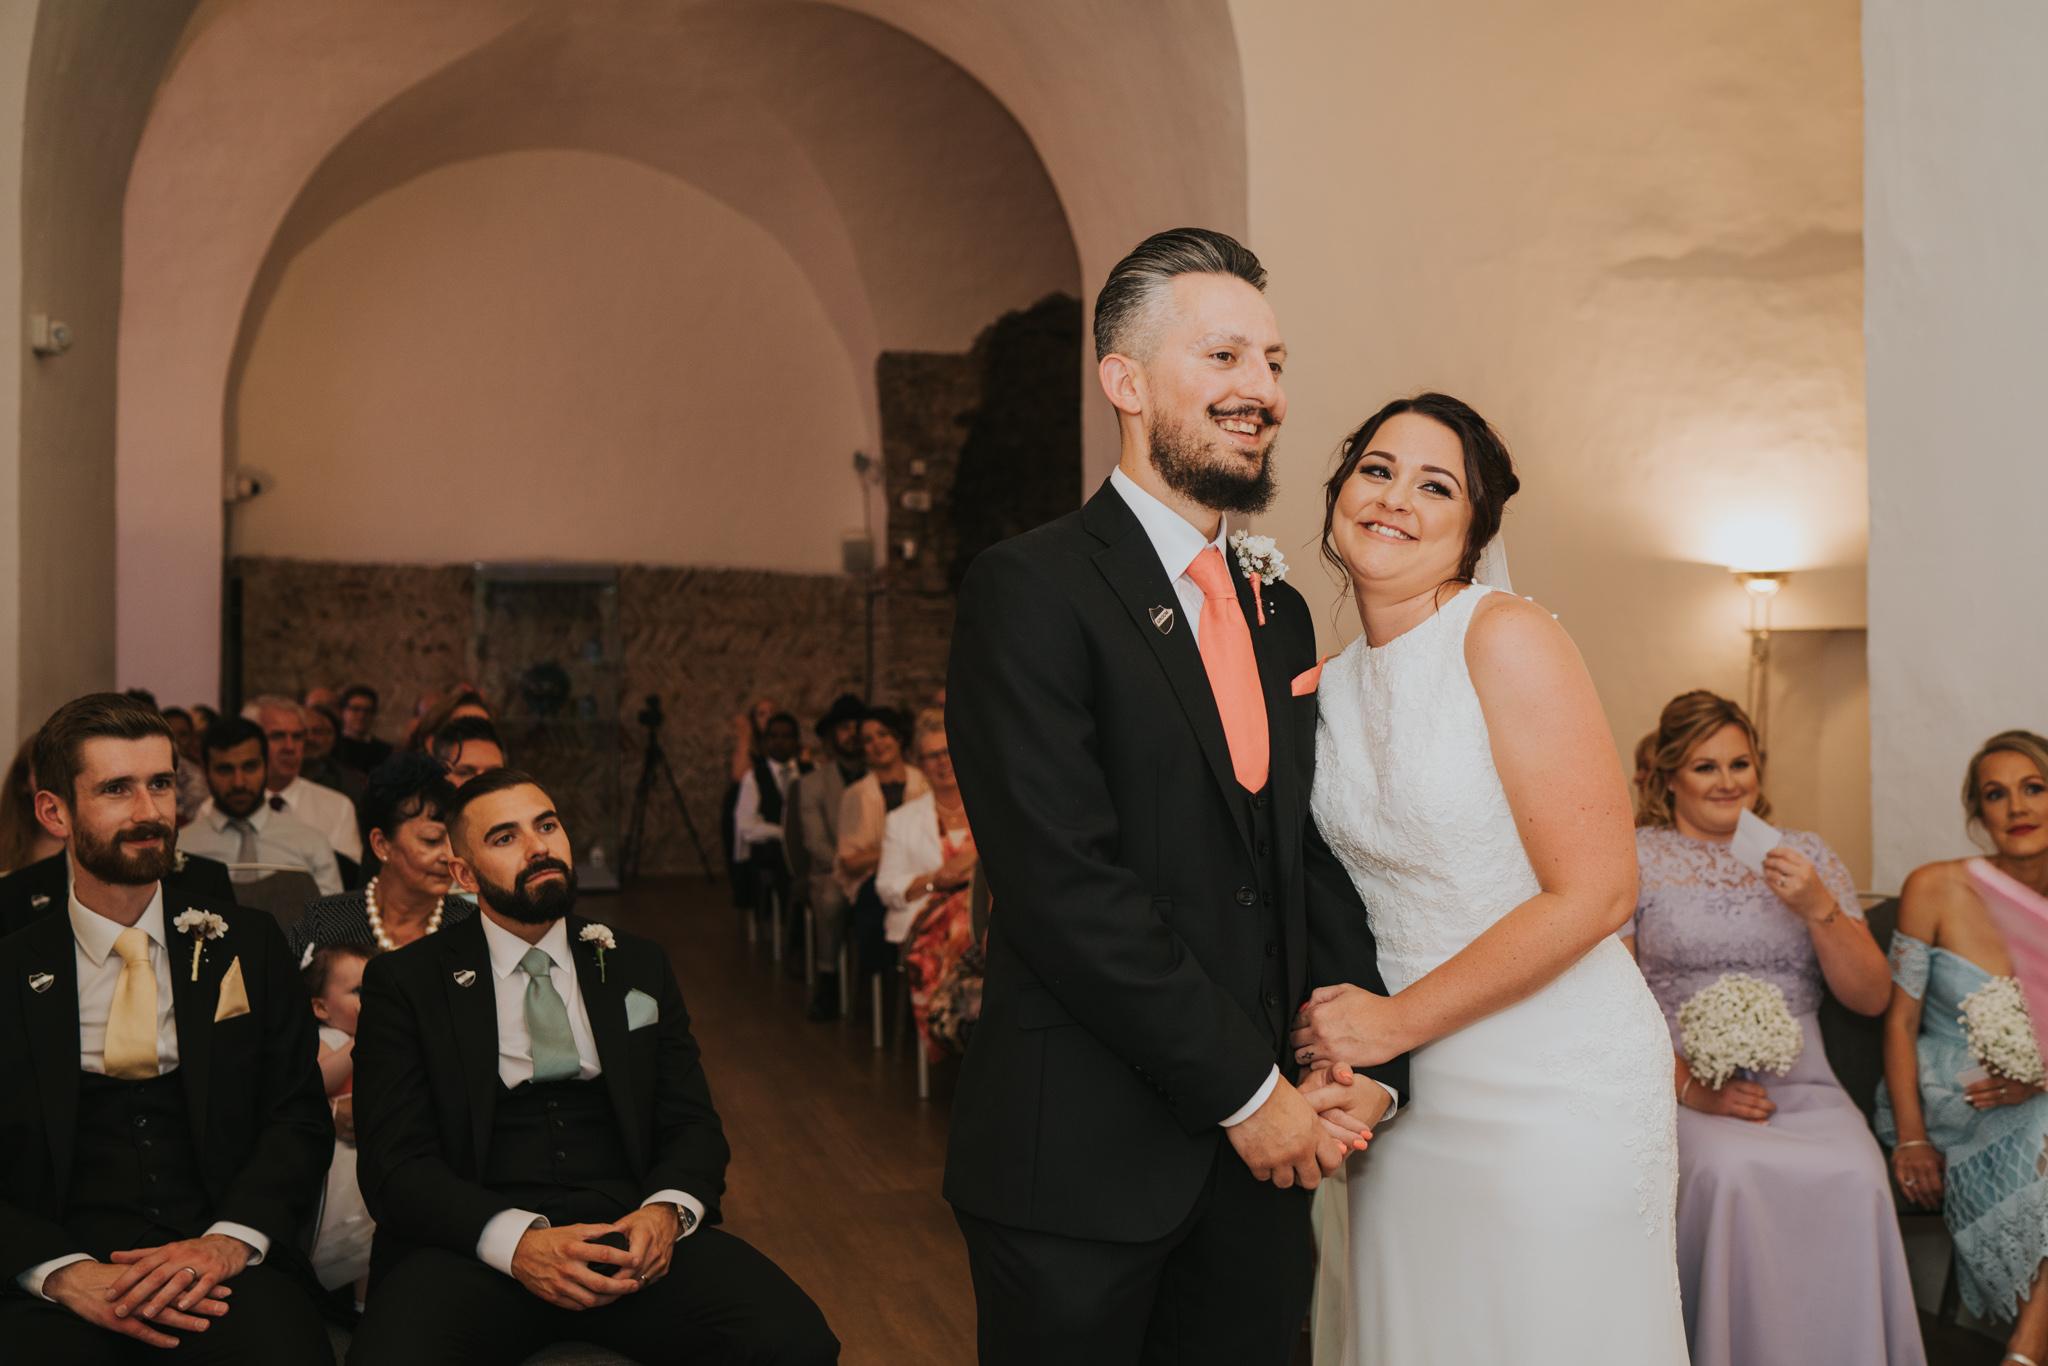 Joe-Tiffany-Colchester-Castle-Wedding-Essex-Grace-Elizabeth-Colchester-Essex-Alternative-Wedding-Photographer-Suffolk-Norfolk-Devon (49 of 122).jpg